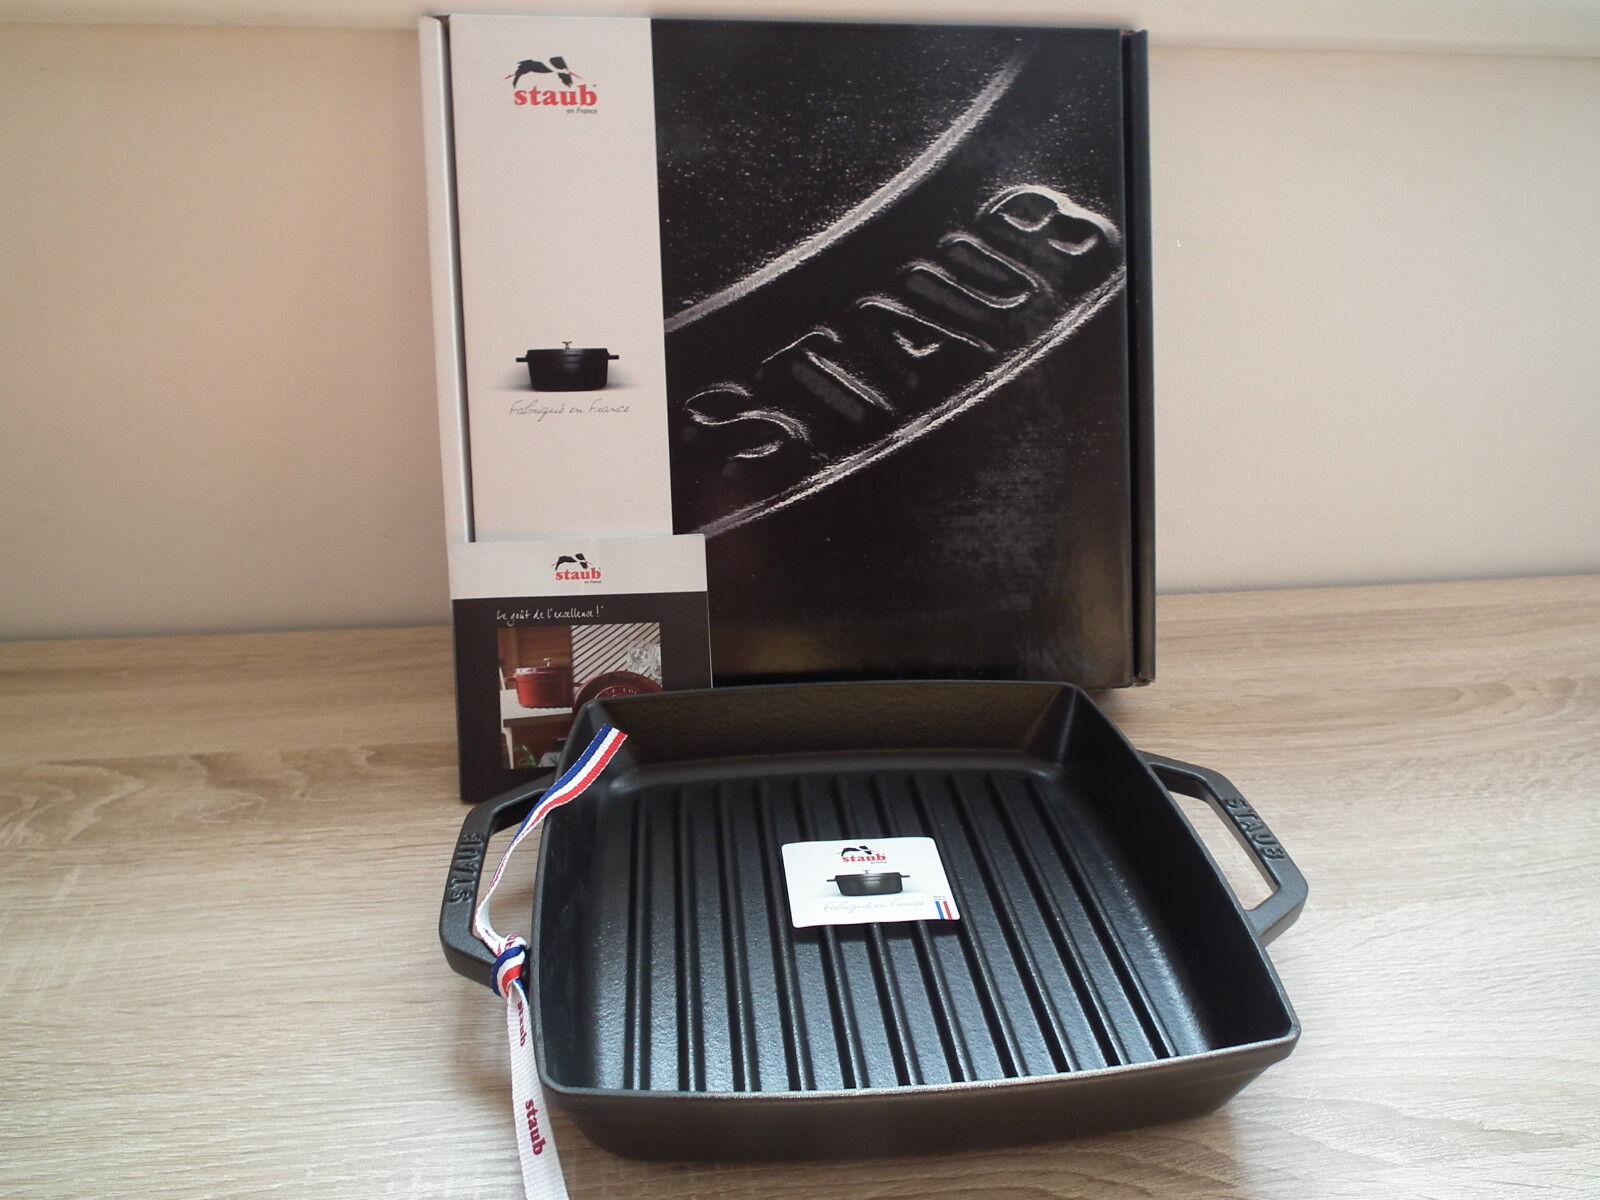 STAUB Grillpfanne quadratisch 33 x 33 cm Gusseisen Pfanne Steakpfanne negro